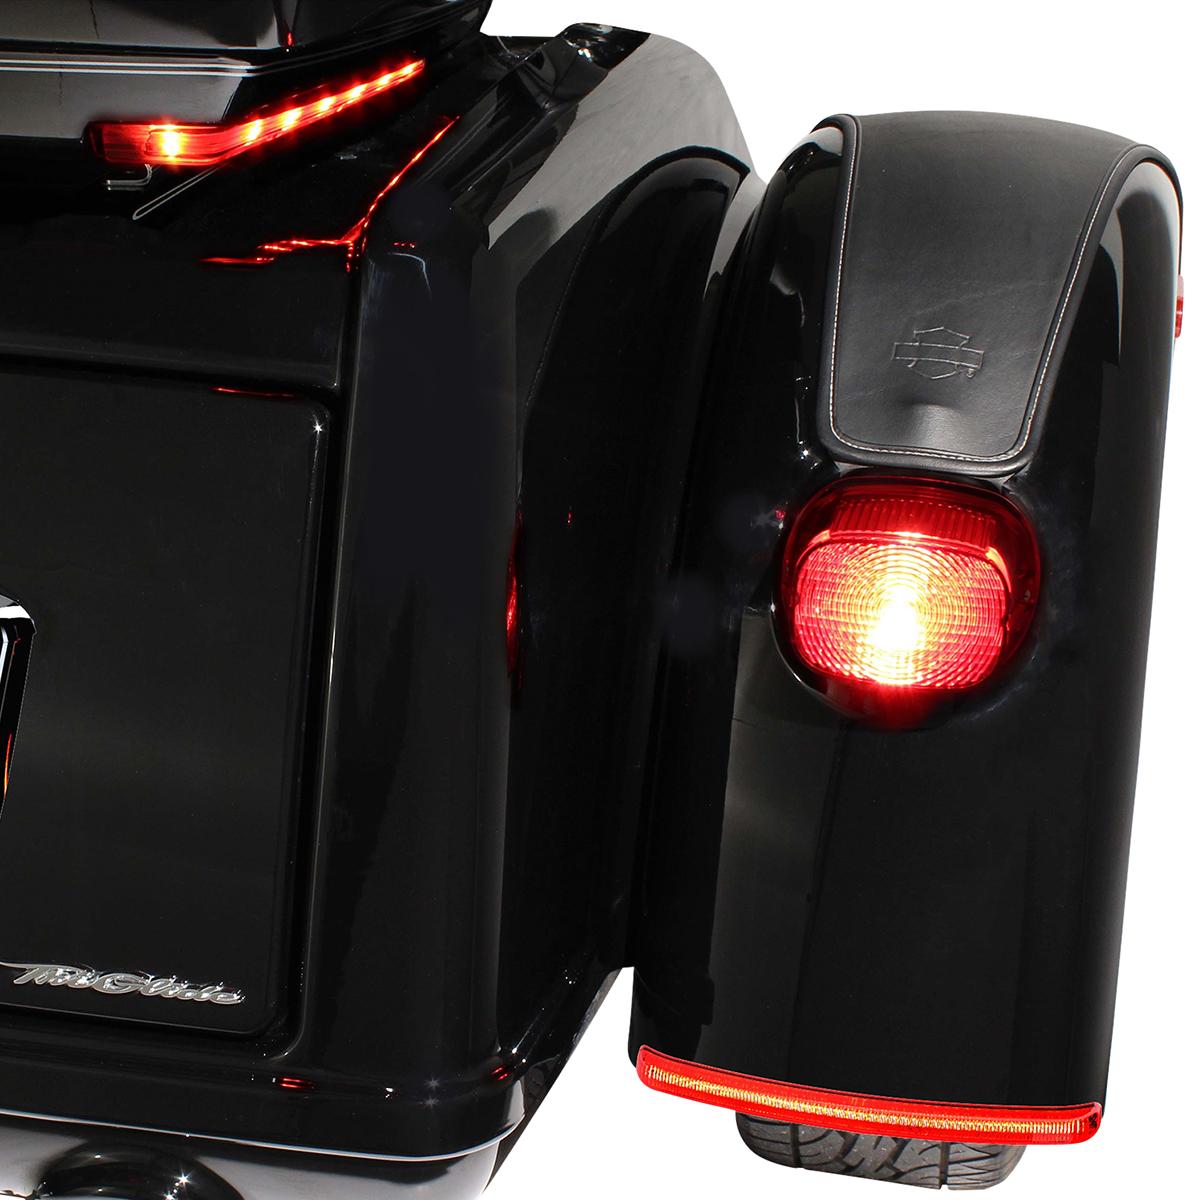 Ciro LED Fender Blades Turn Signal Kit for 09-19 Harley Trike FLHTCUTG FLHXXX